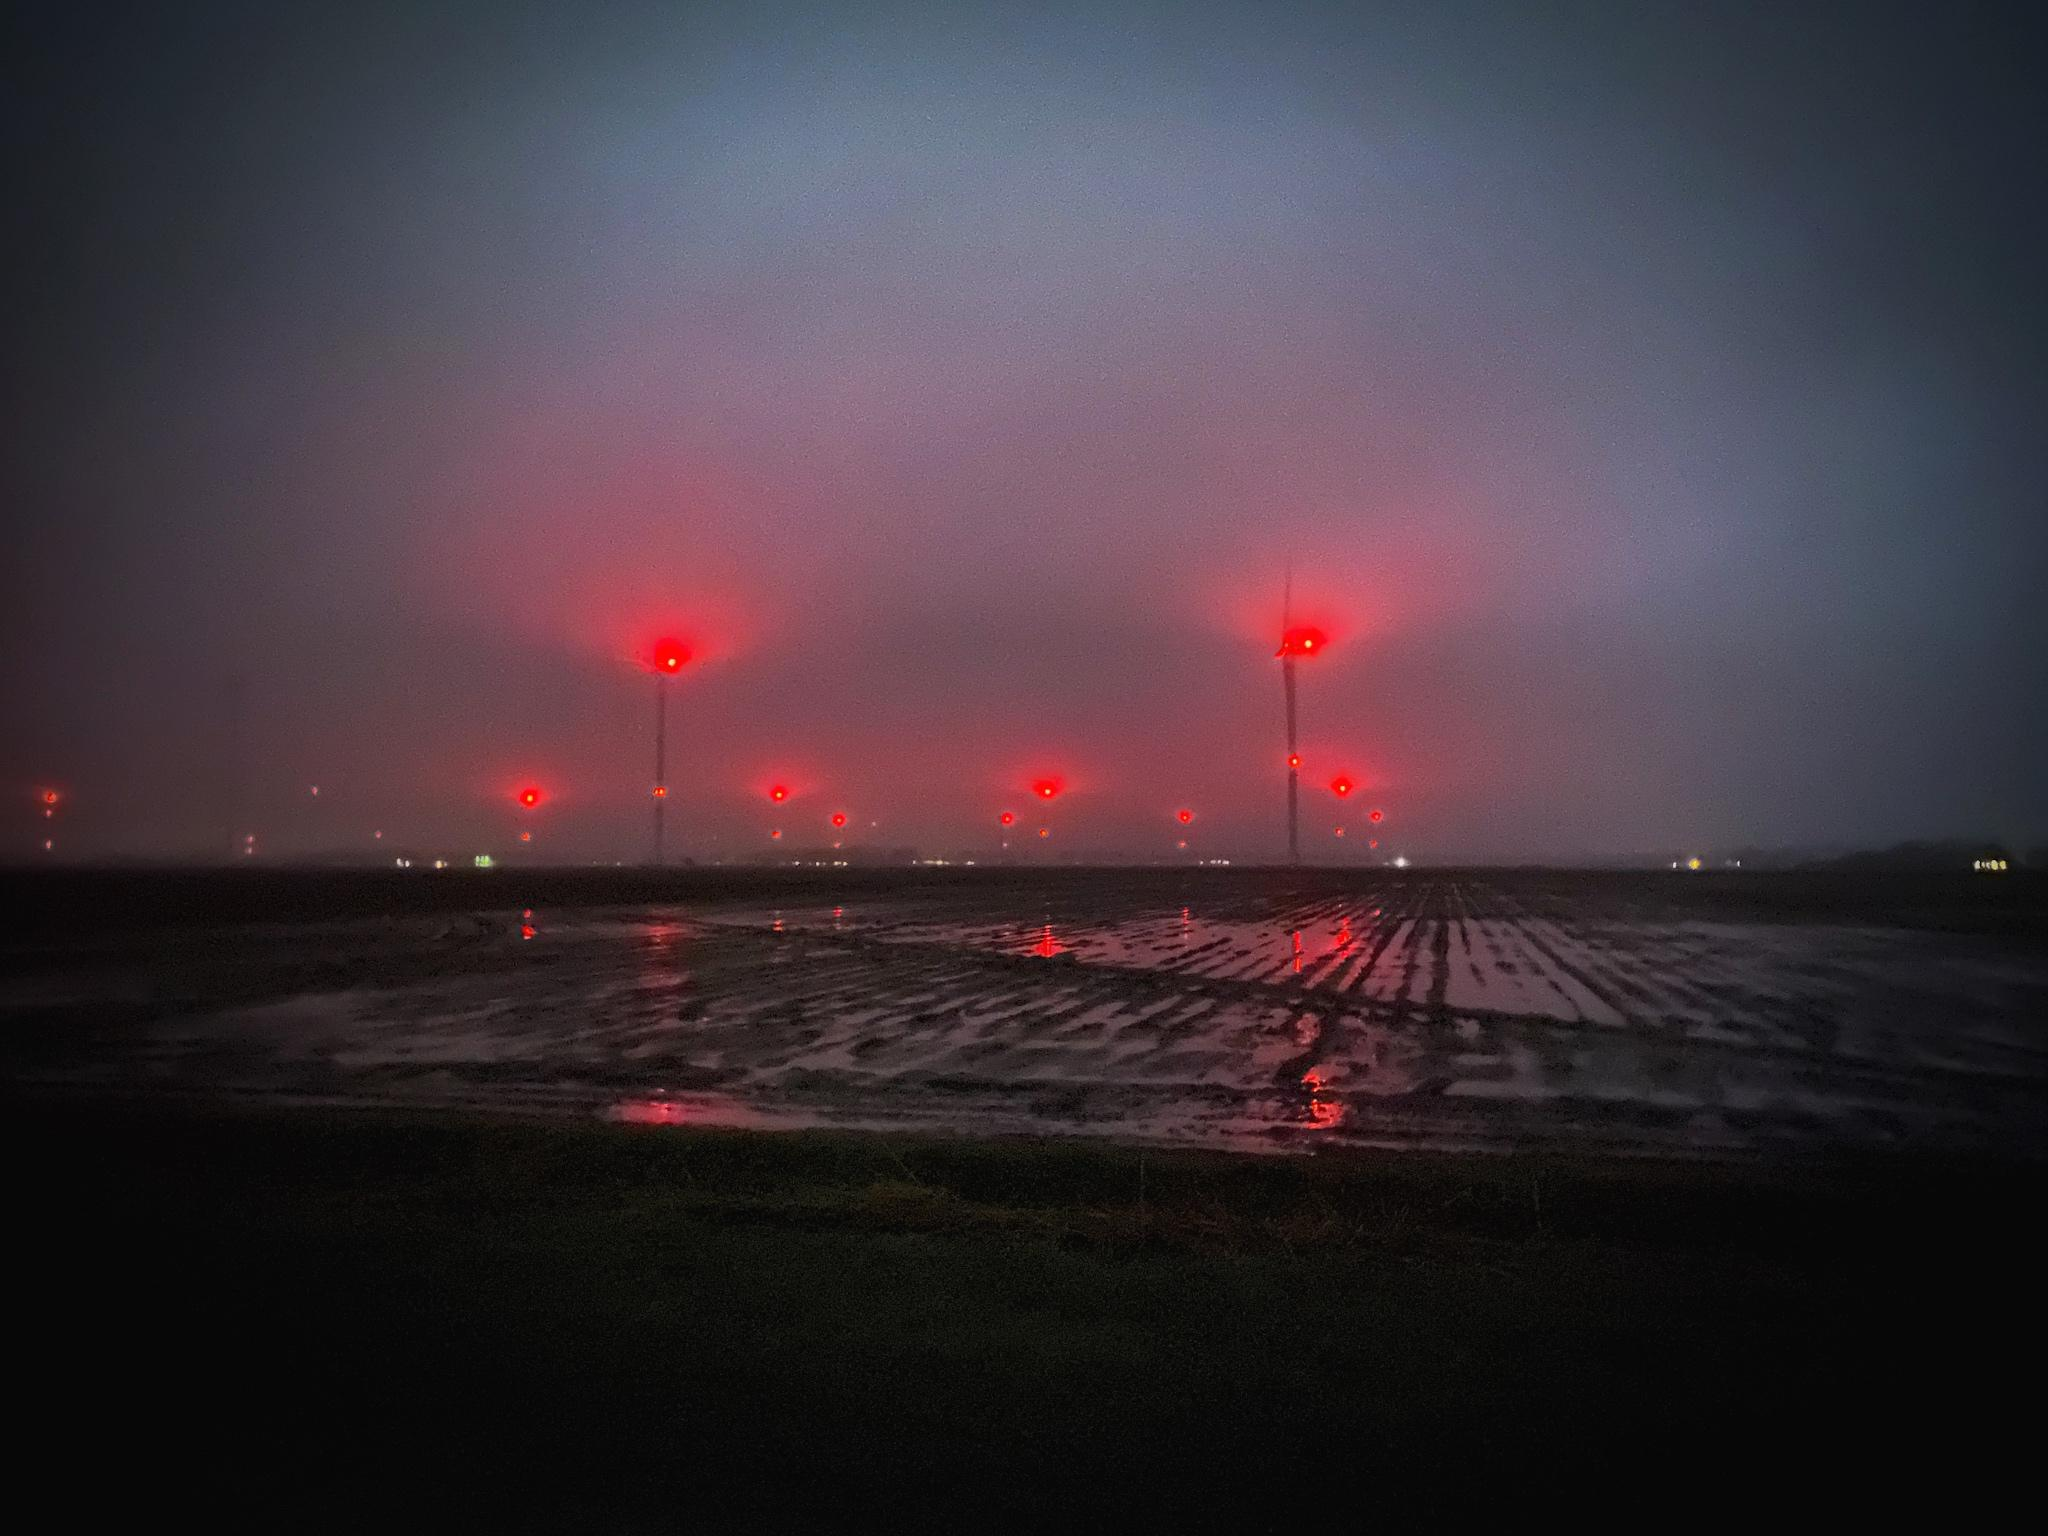 Er wordt iets gedaan aan het 'red light district van de polder': de rode lampen op de turbines in de Wieringermeer gaan mogelijk alleen branden als er vliegtuigen in de buurt komen